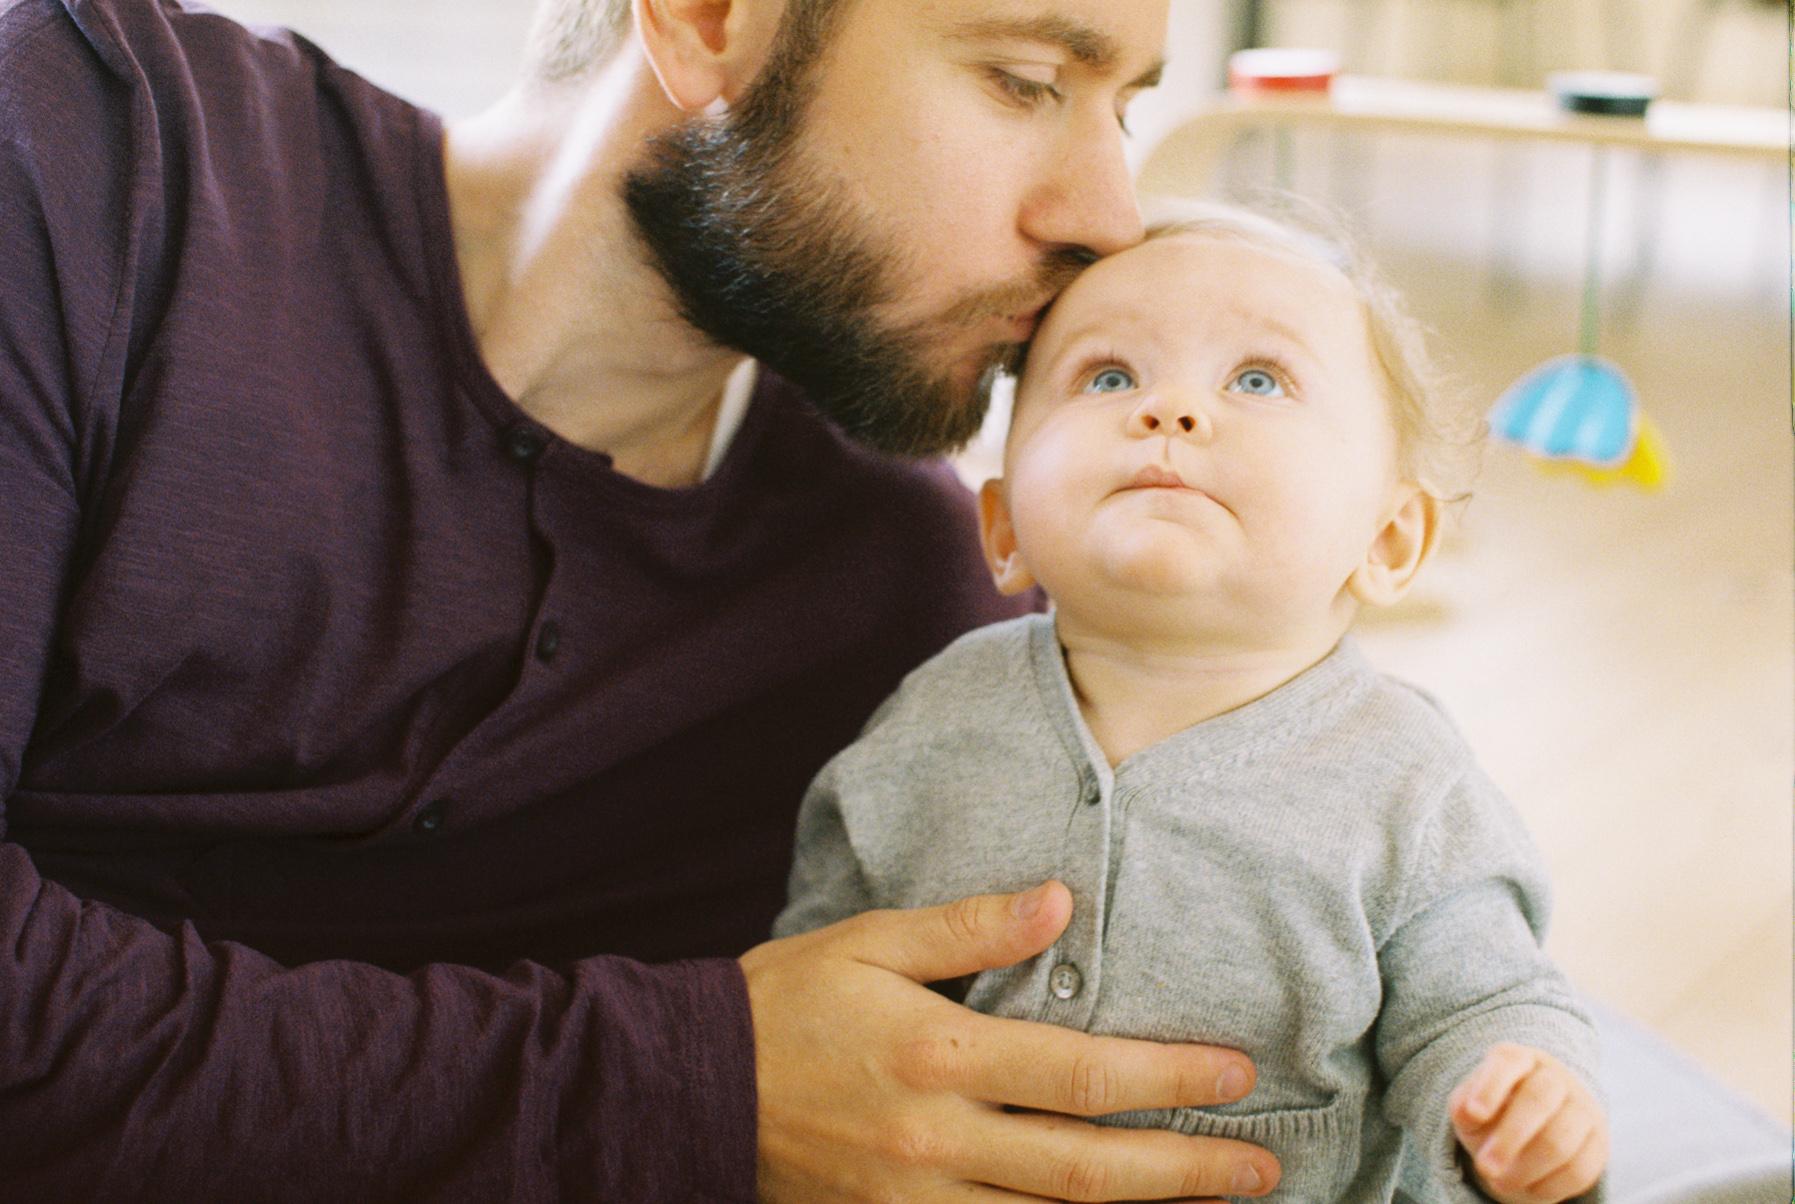 Pappa pussar barn på pannan